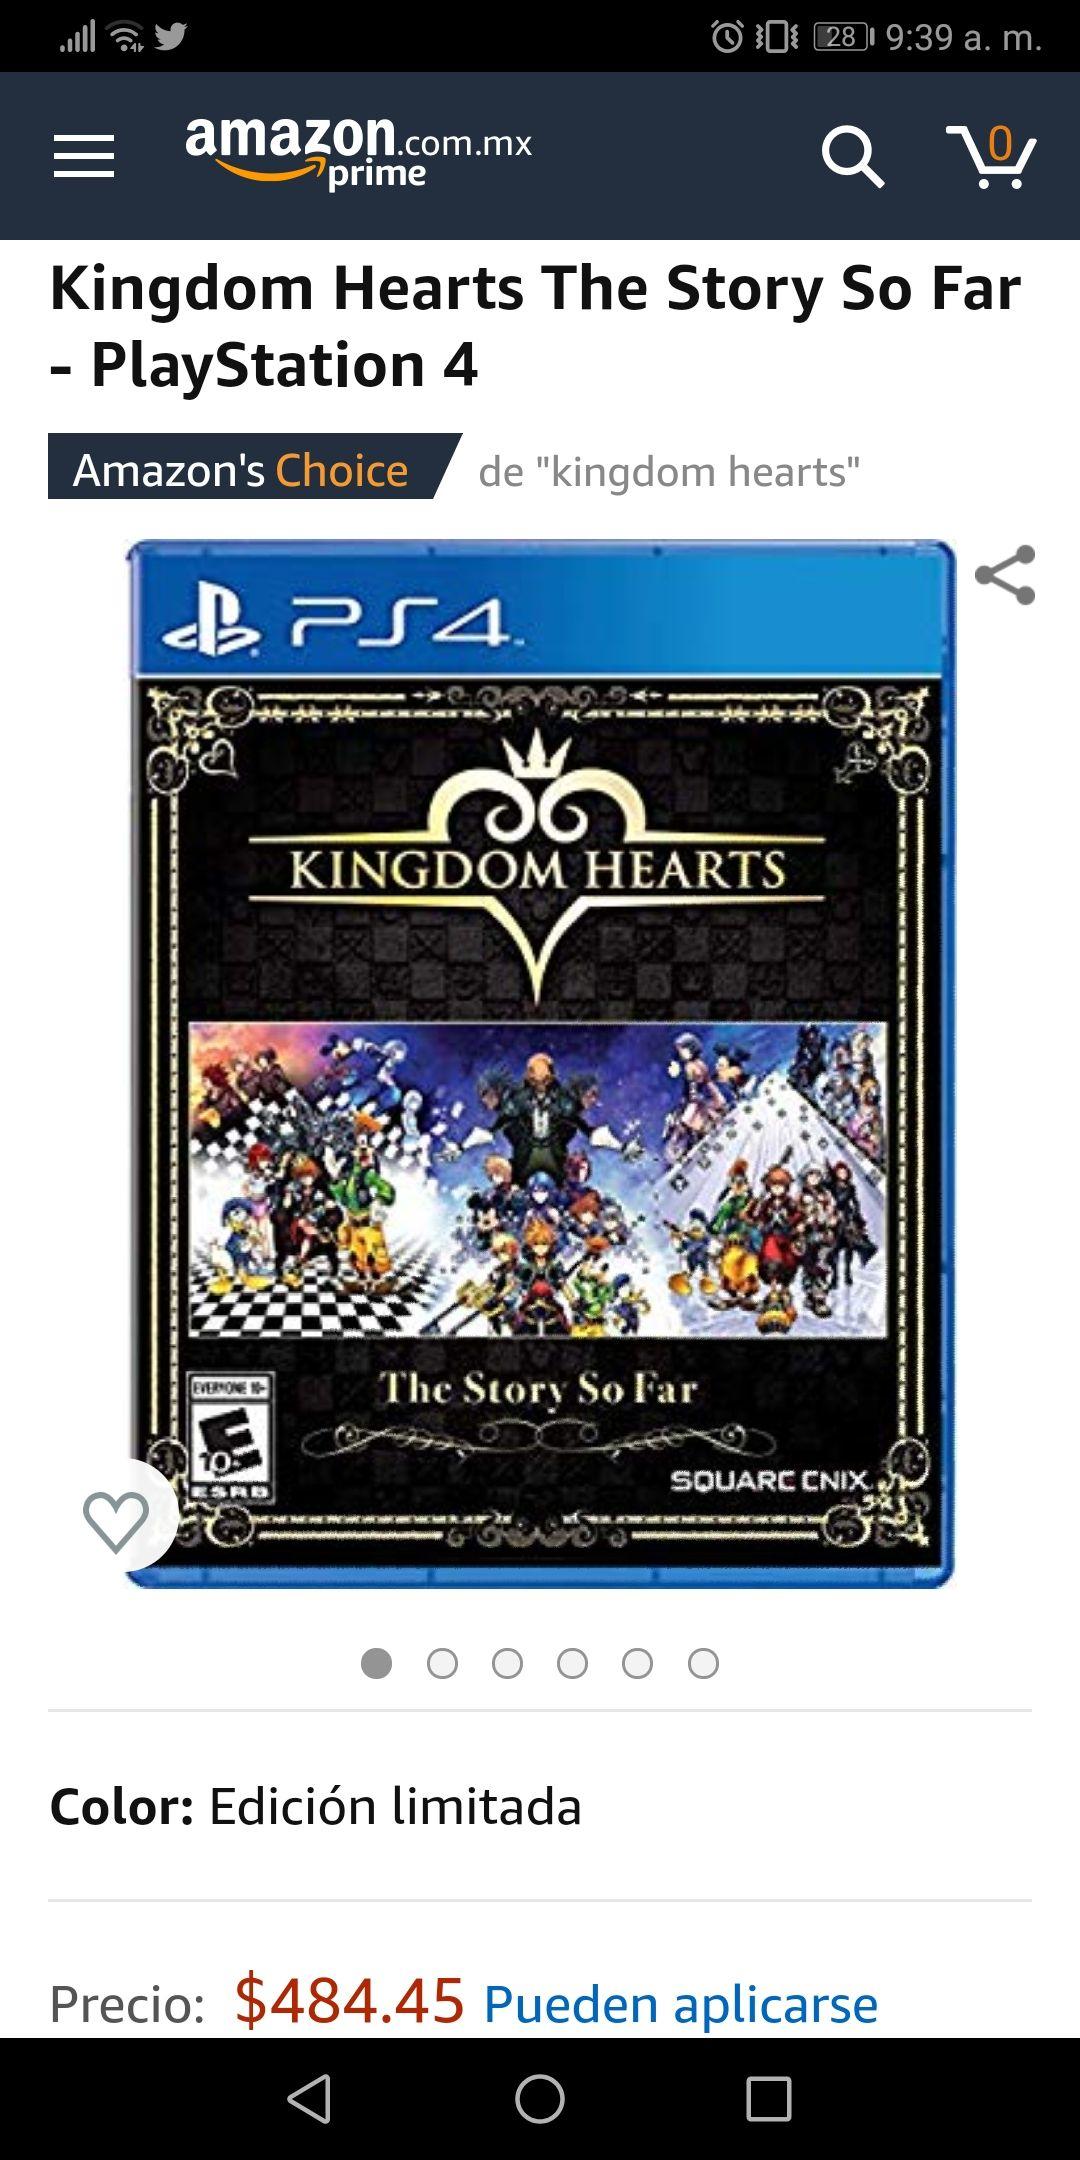 Amazon: Kingdom Hearts The Story So Far